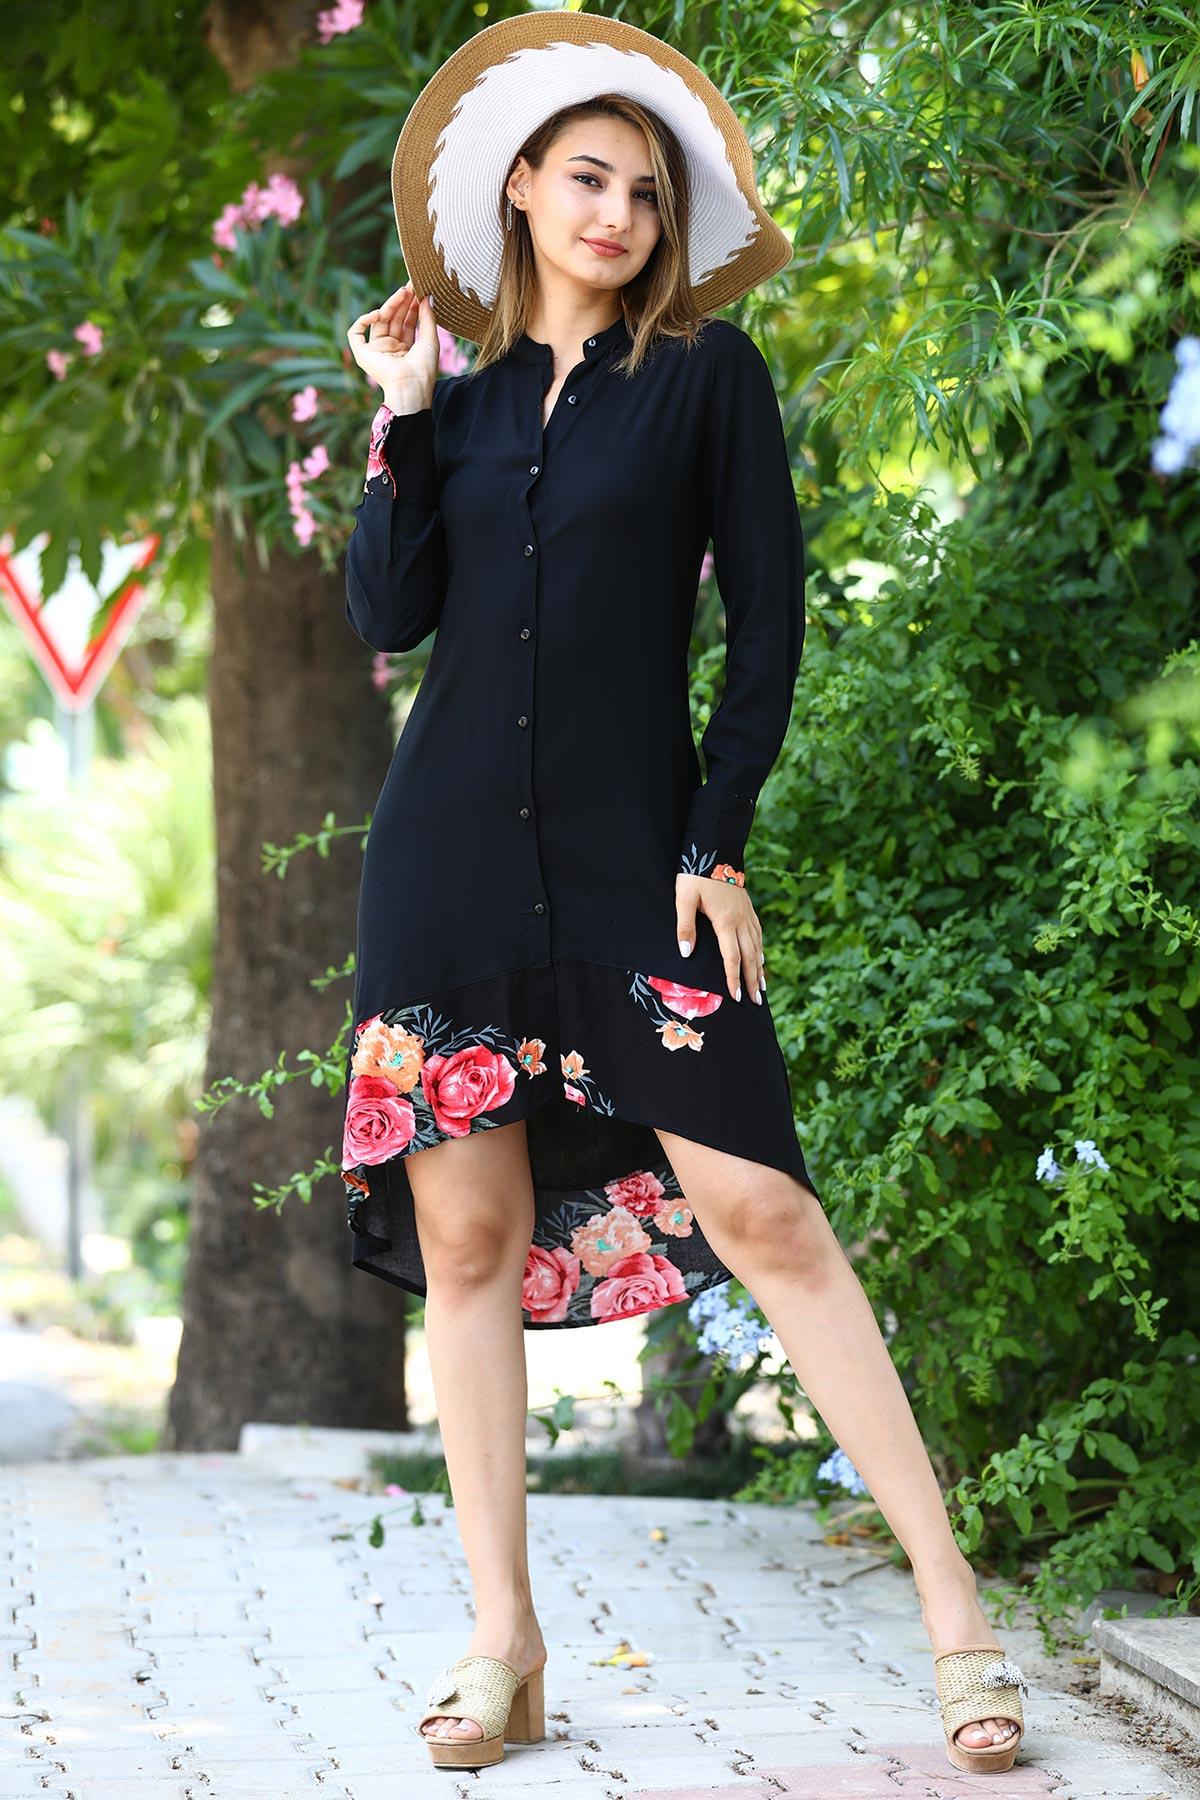 فستان / تونيك أسود مزخرف بأزرار نسائي